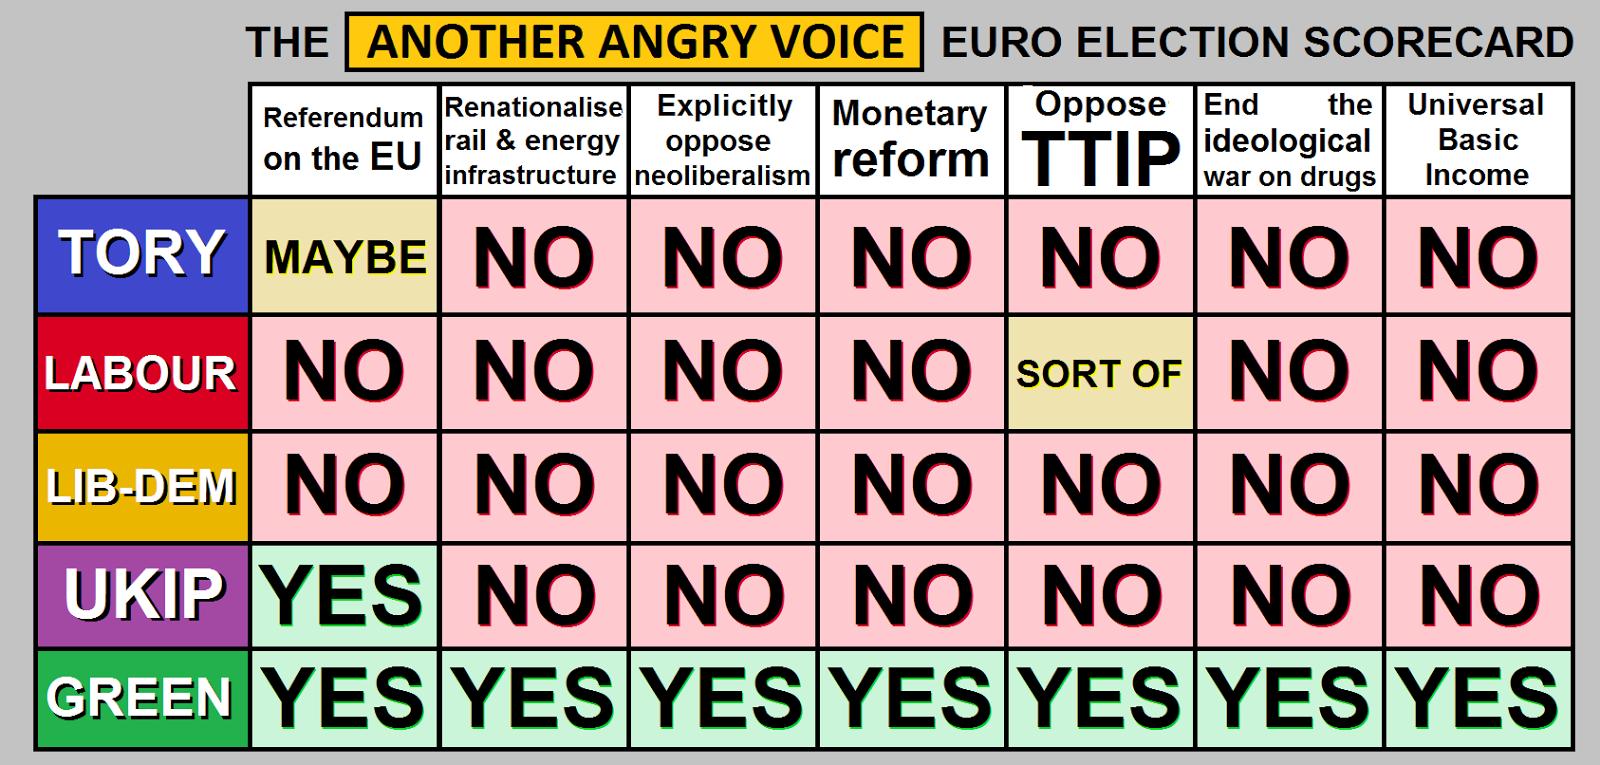 Posición de las formaciones políticas del Parlamento Europeo frente al TTIP